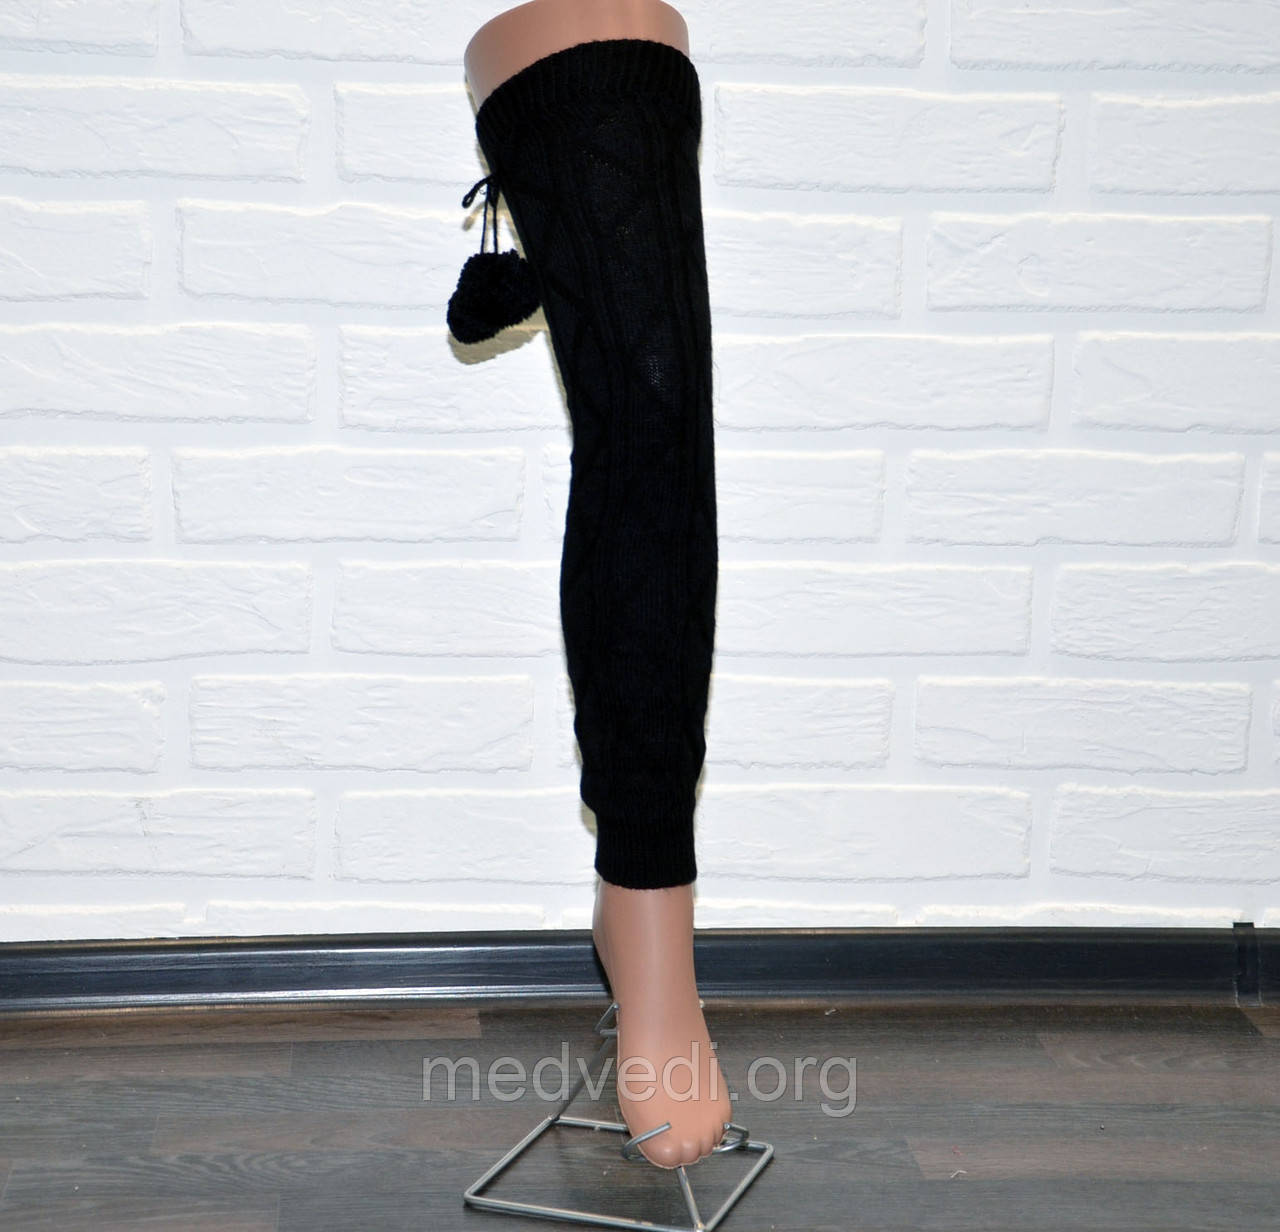 Черные женские гетры выше колена, заколенки